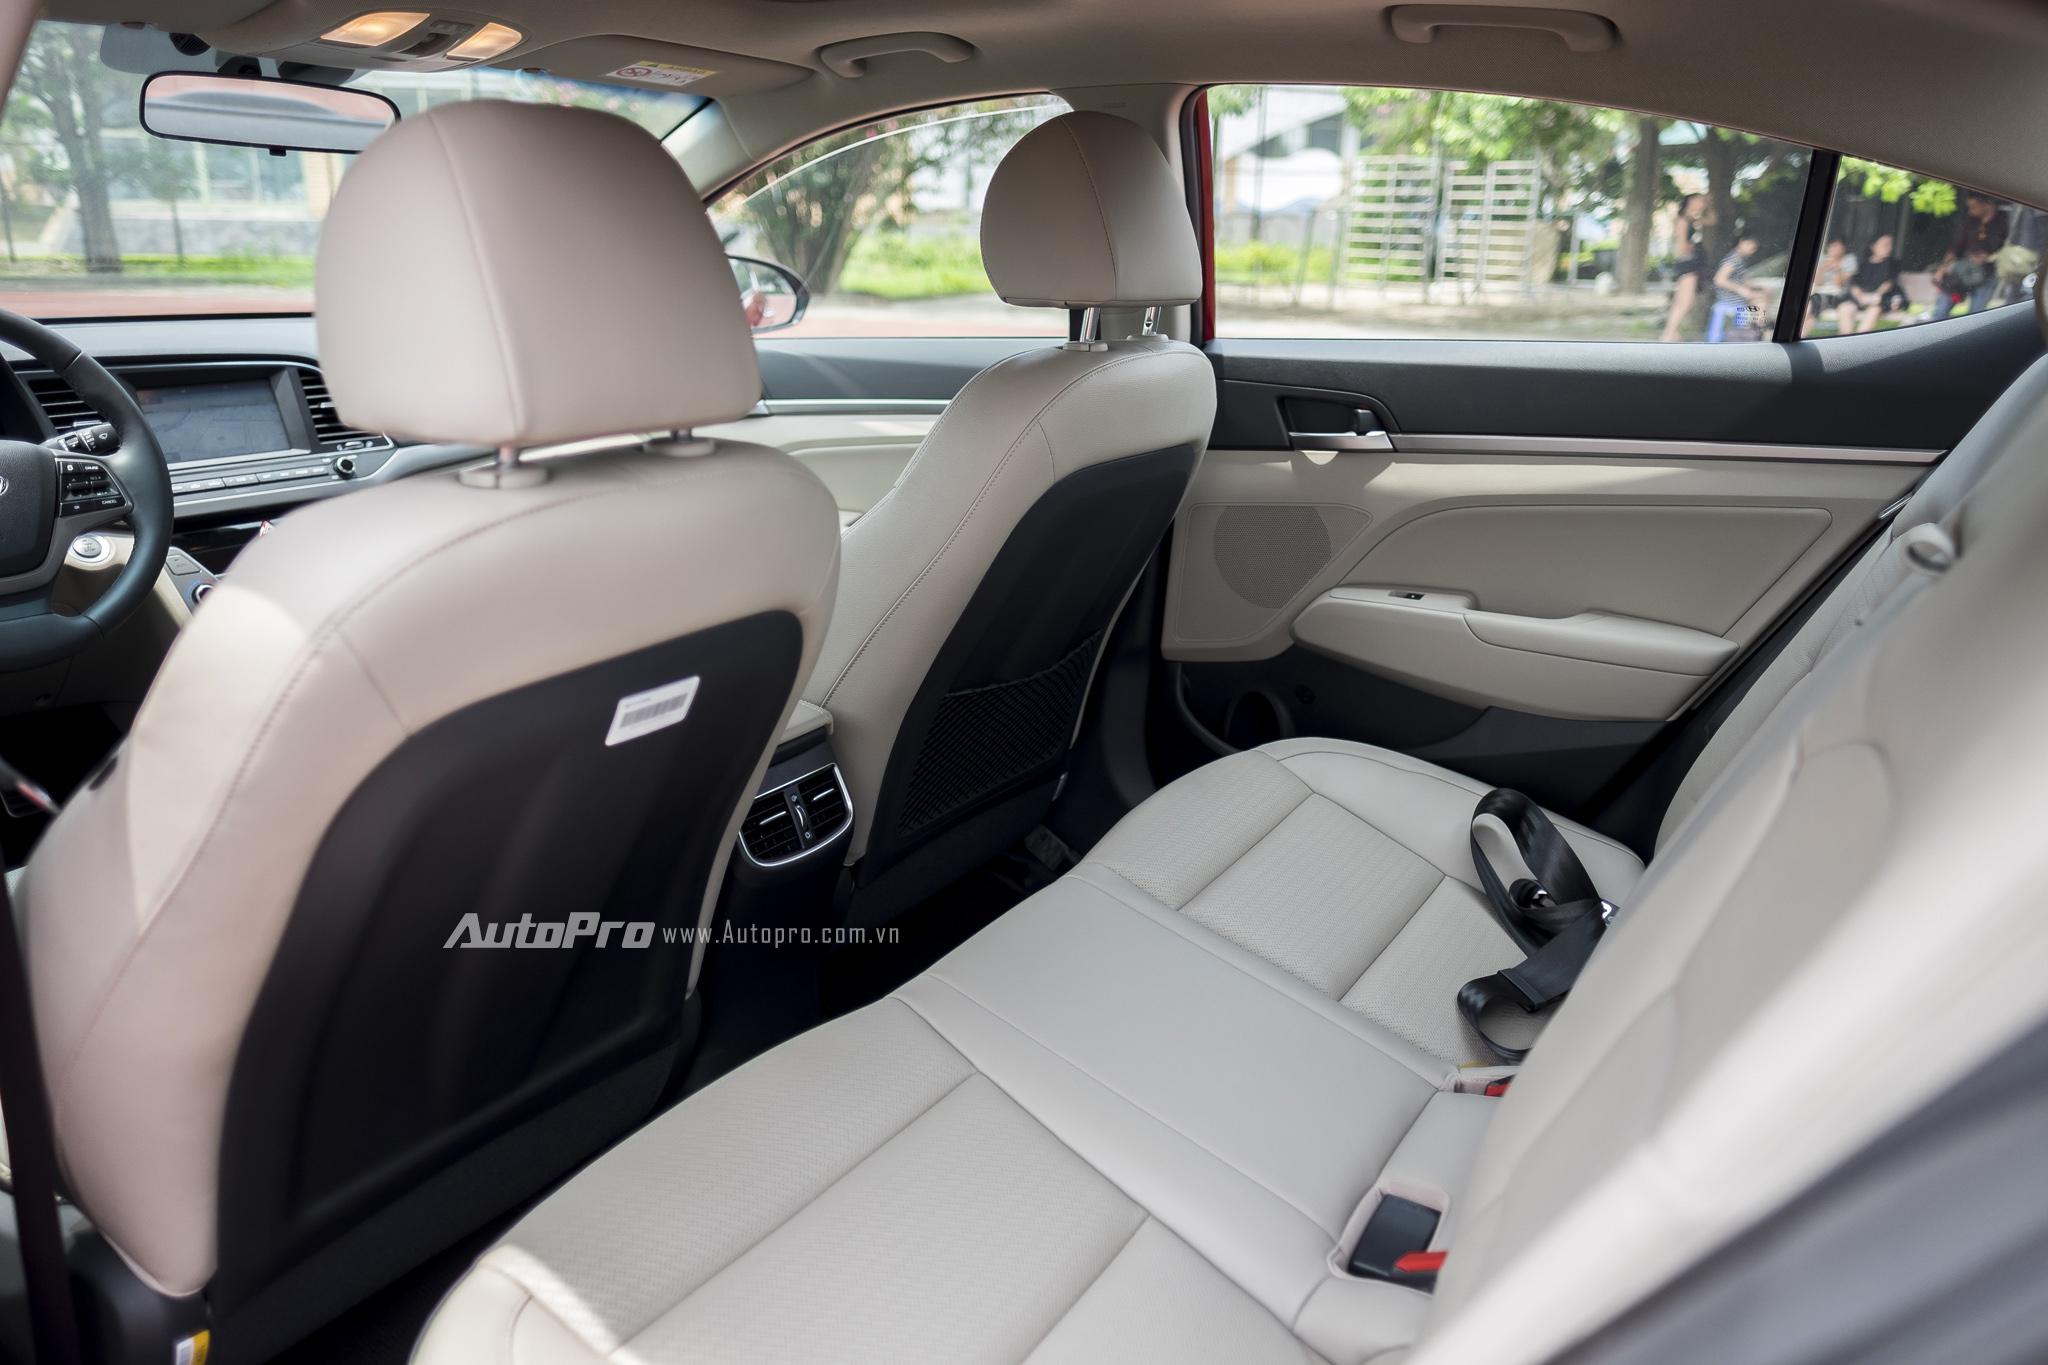 Về an toàn, Hyundai Elantra 2016 có hệ thống chống bó cứng phanh ABS, phân bố lực phanh điện tử EBD, hỗ trợ lực phanh khẩn cấp BA, cân bằng điện tử ESC, kiểm soát thân xe VSM, chống trộm Immobilizer, hỗ trợ khởi hành ngang dốc HAC, 8 cảm biến trước và sau cùng 6 túi khí.